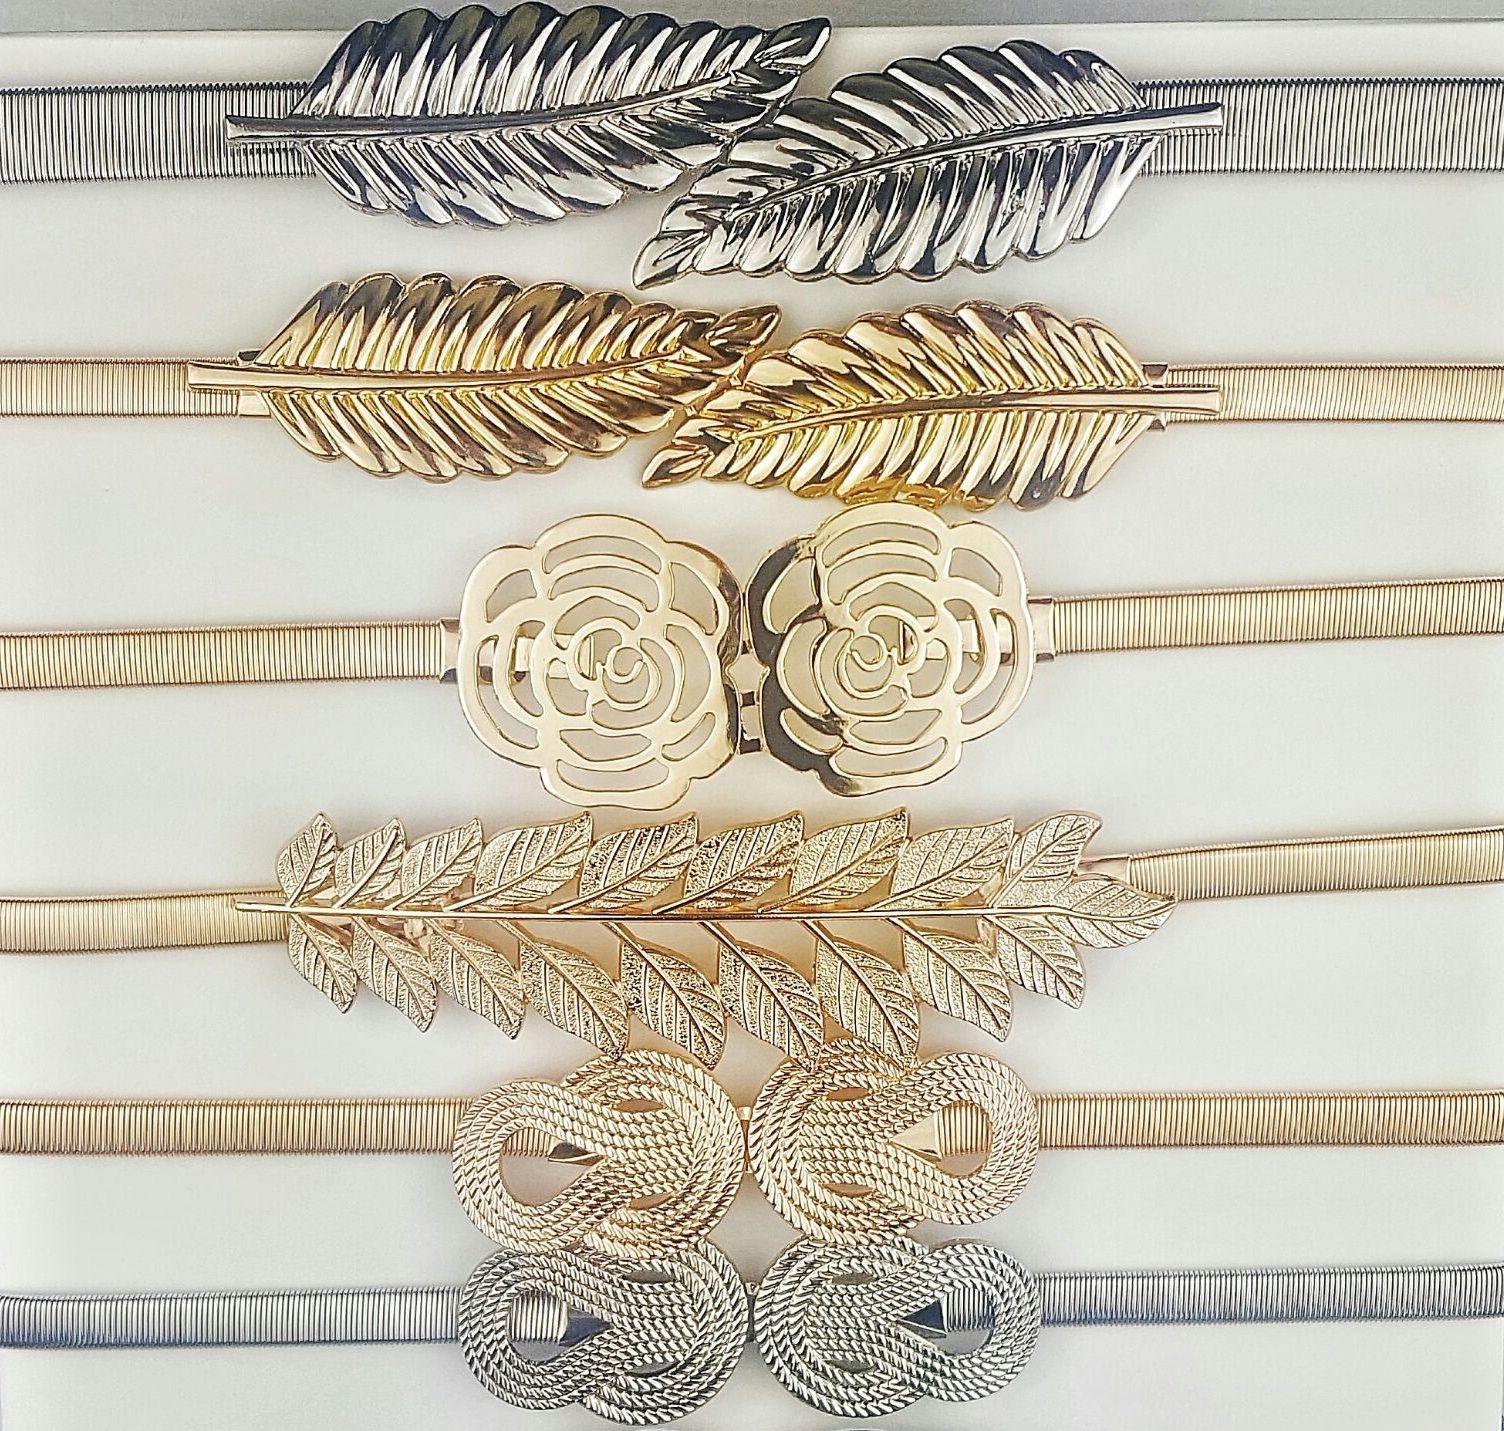 Cinturones metalizados con cintura elástica para vestidos de fiesta.  Distintas hebillas 22c356219358